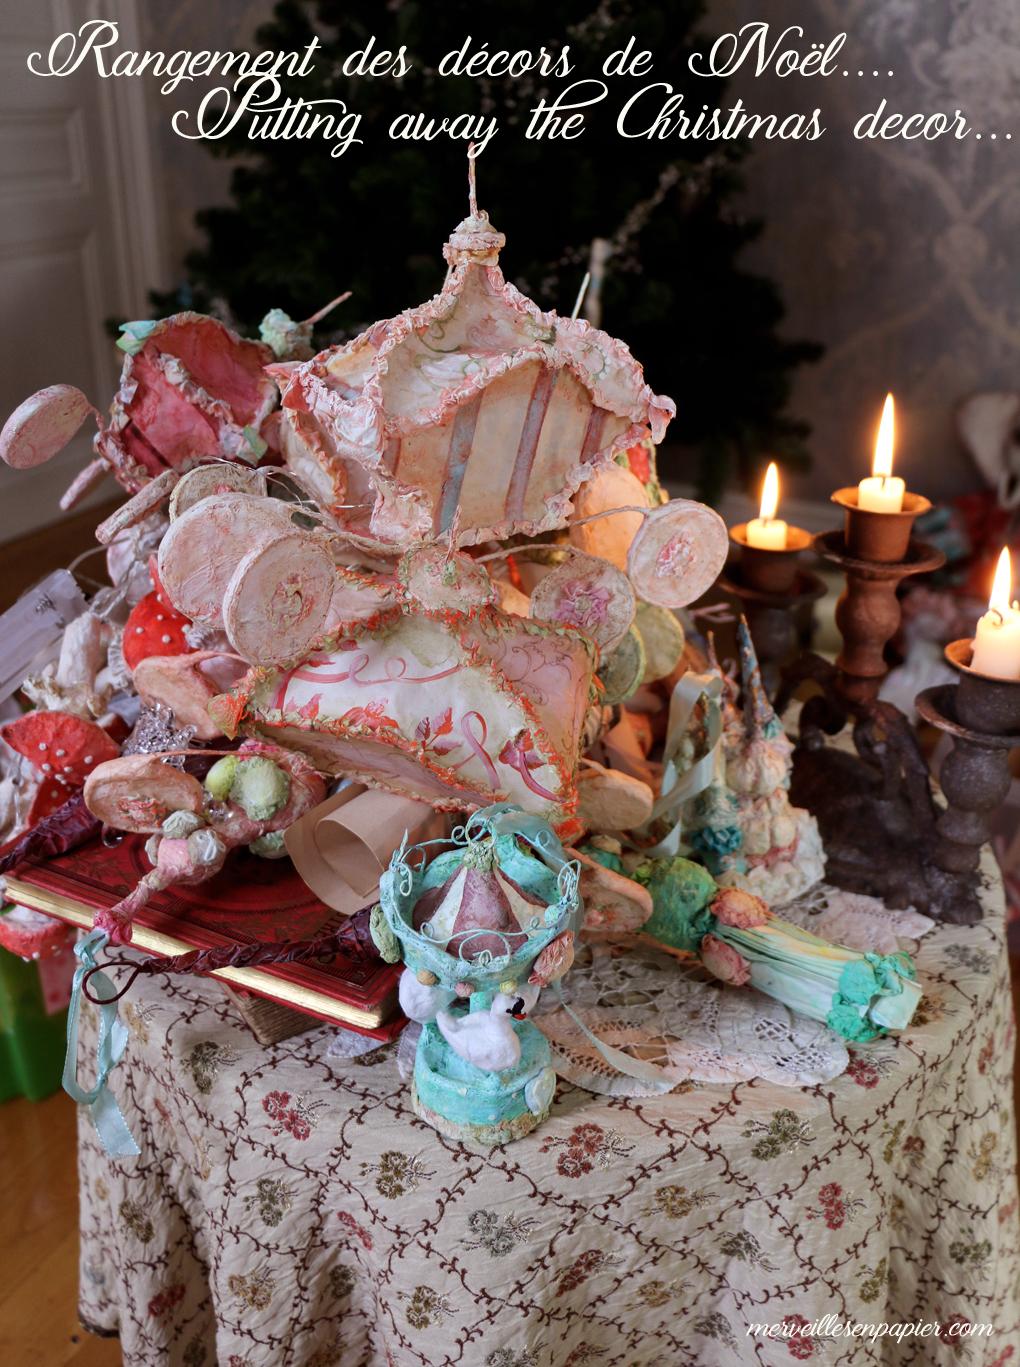 Putting away my christmas decor....